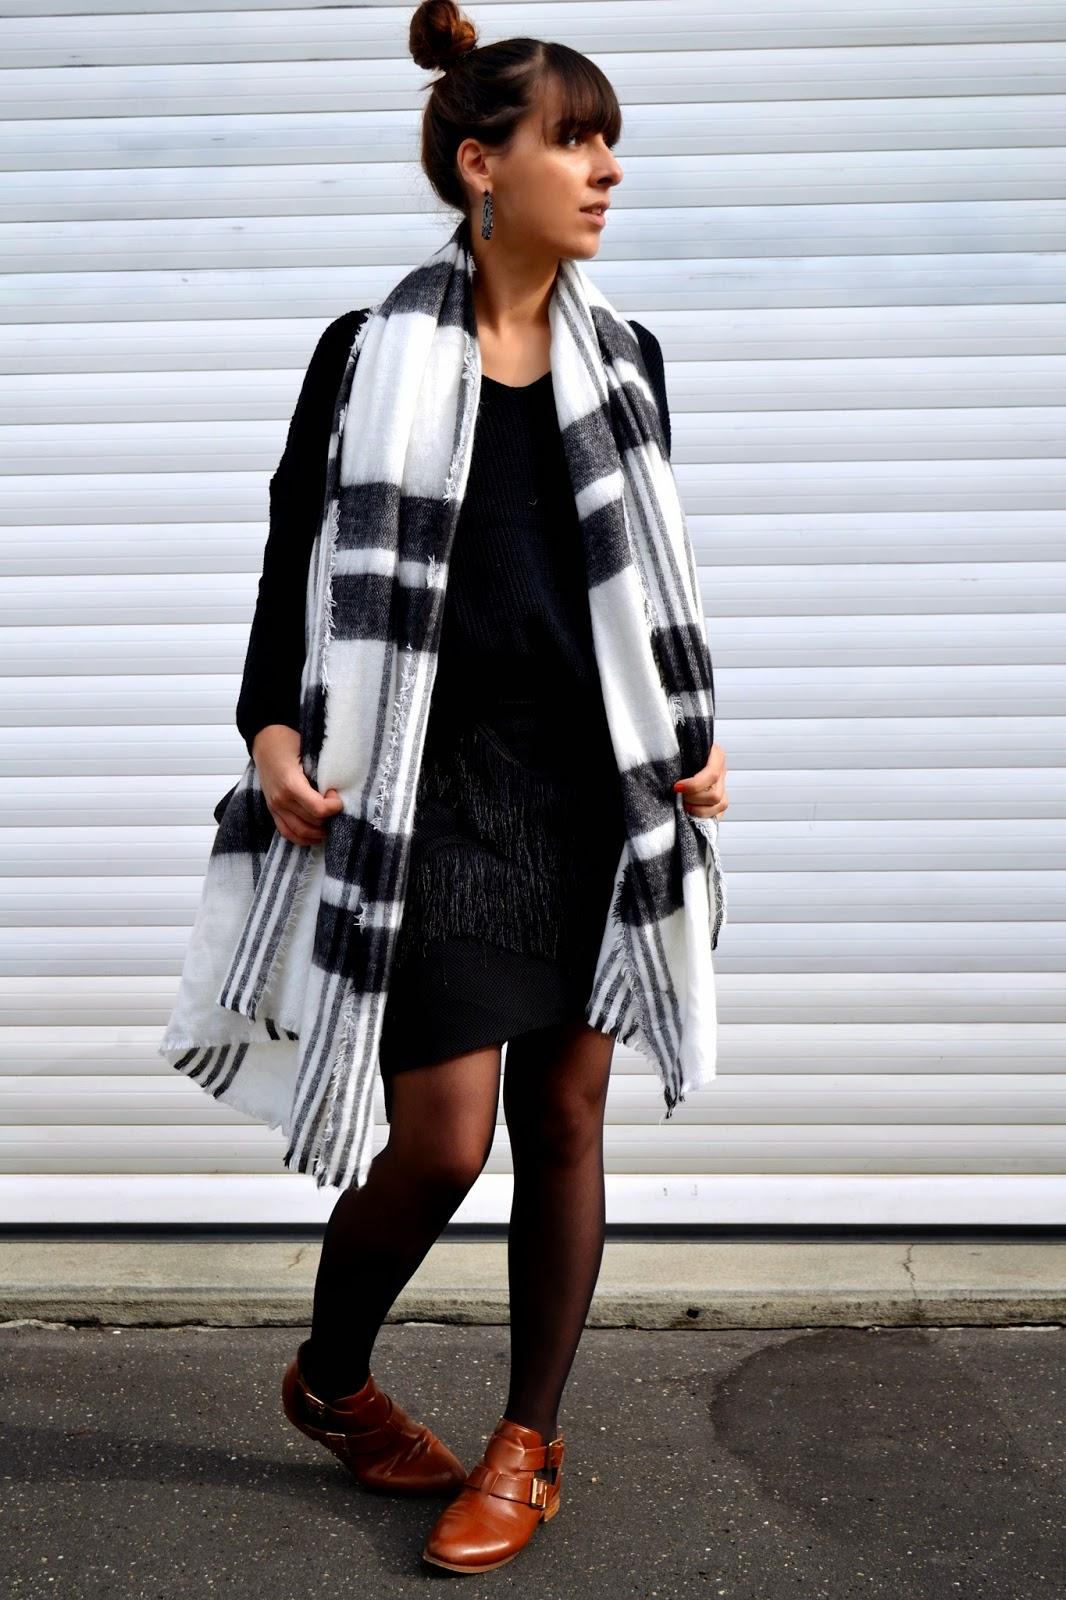 43386bb7f47bd Zara écharpe plaid - Idée pour s habiller